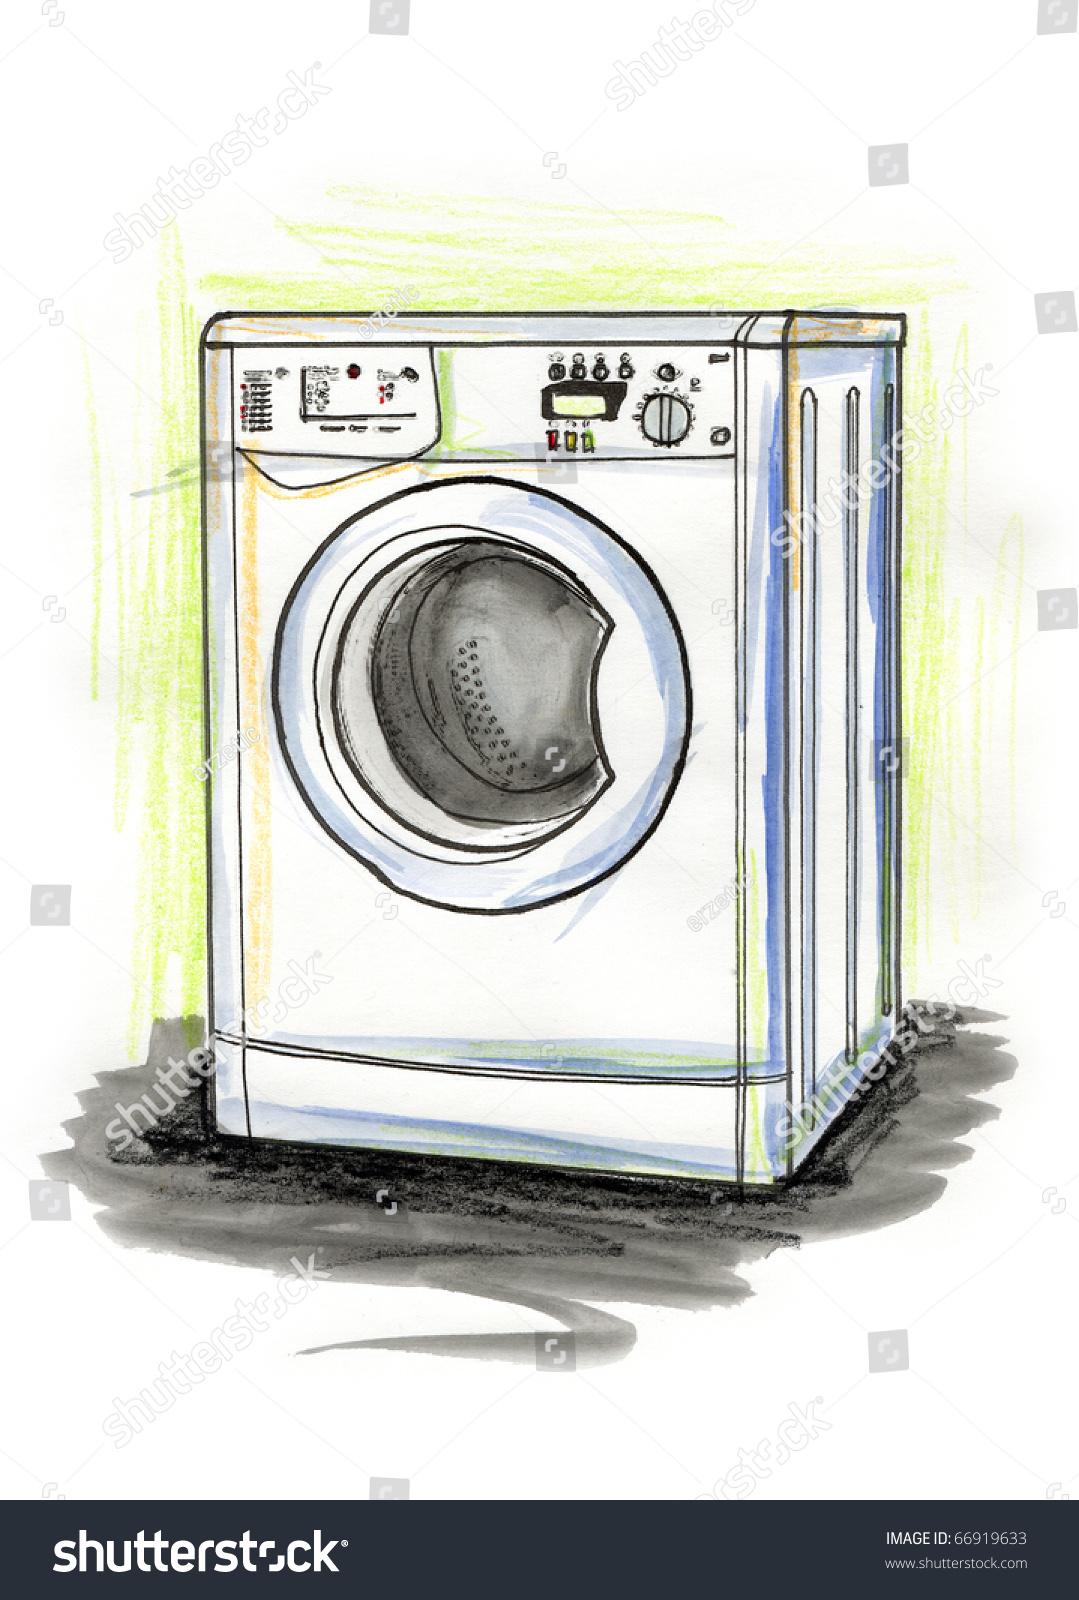 手绘插图的洗衣机在白色背景上